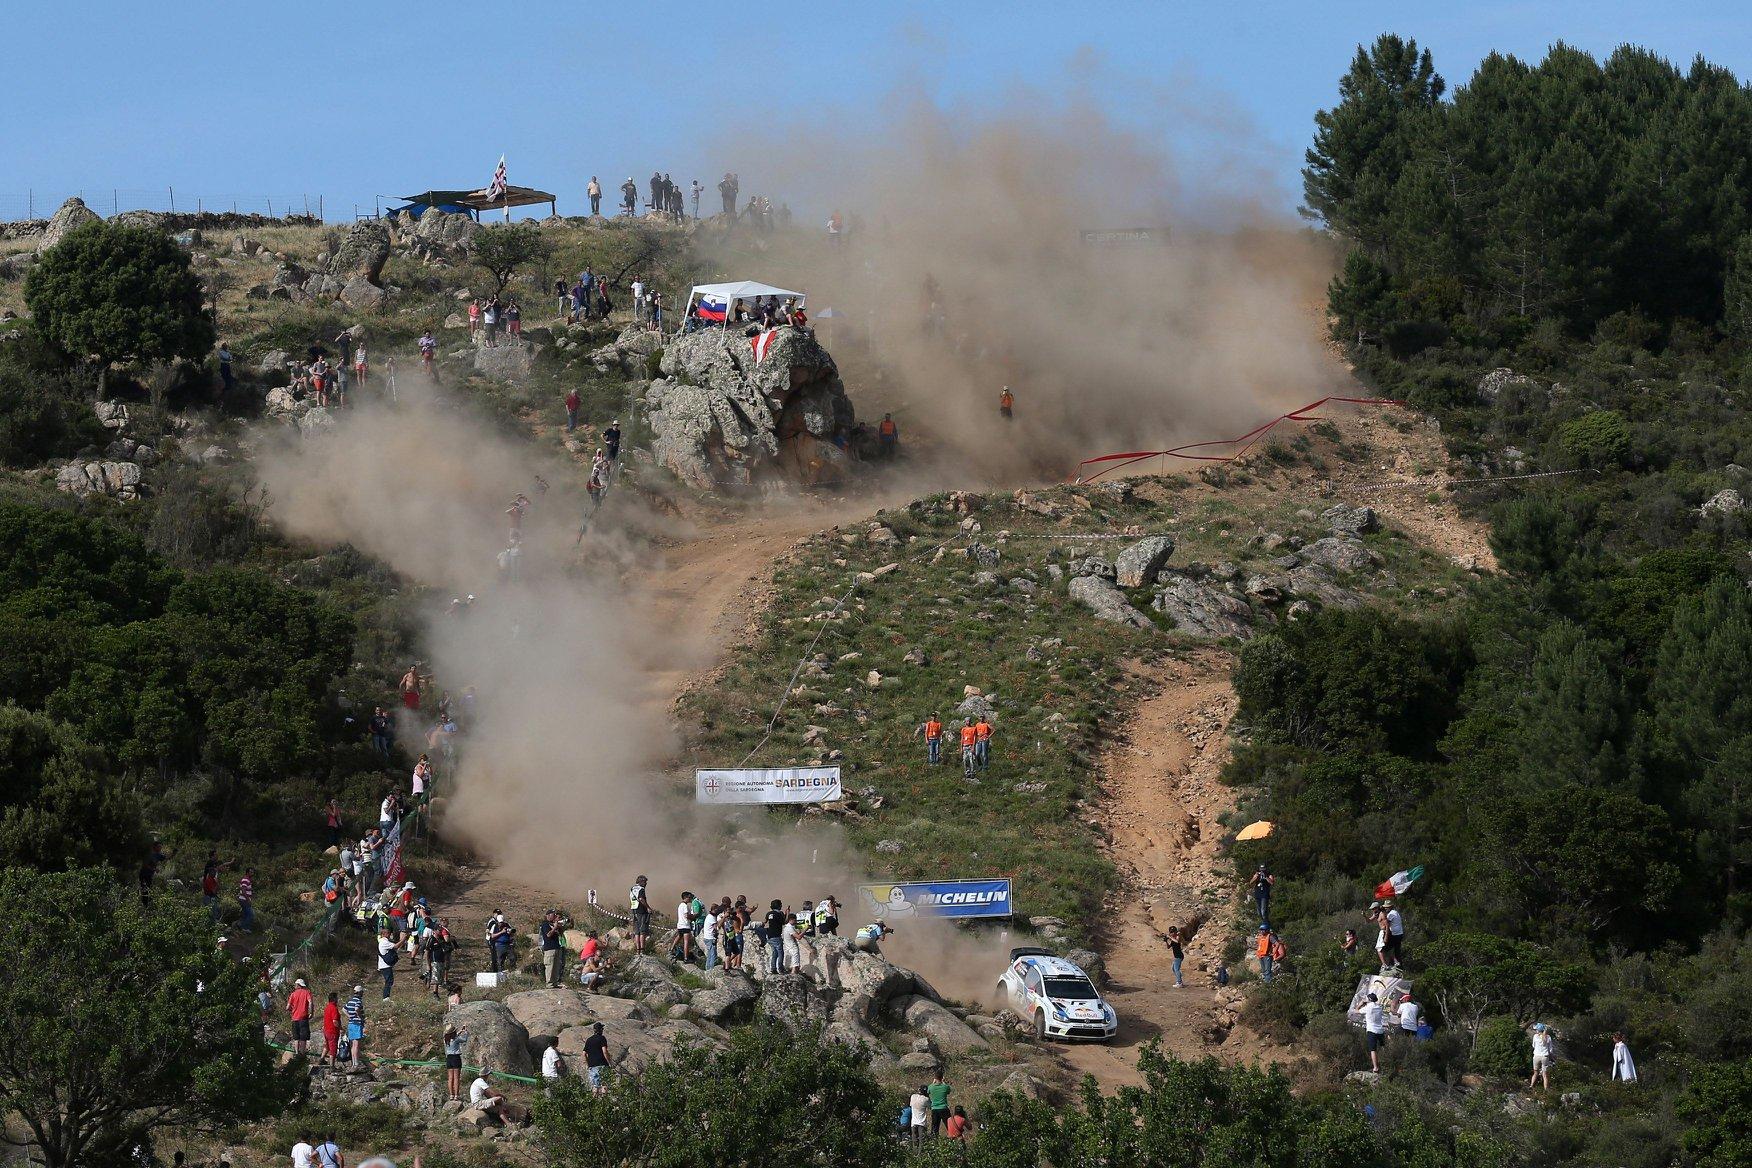 źródło: Rally Italia Sardegna | Charakterystyczny krajobraz Rajdu Sardynii